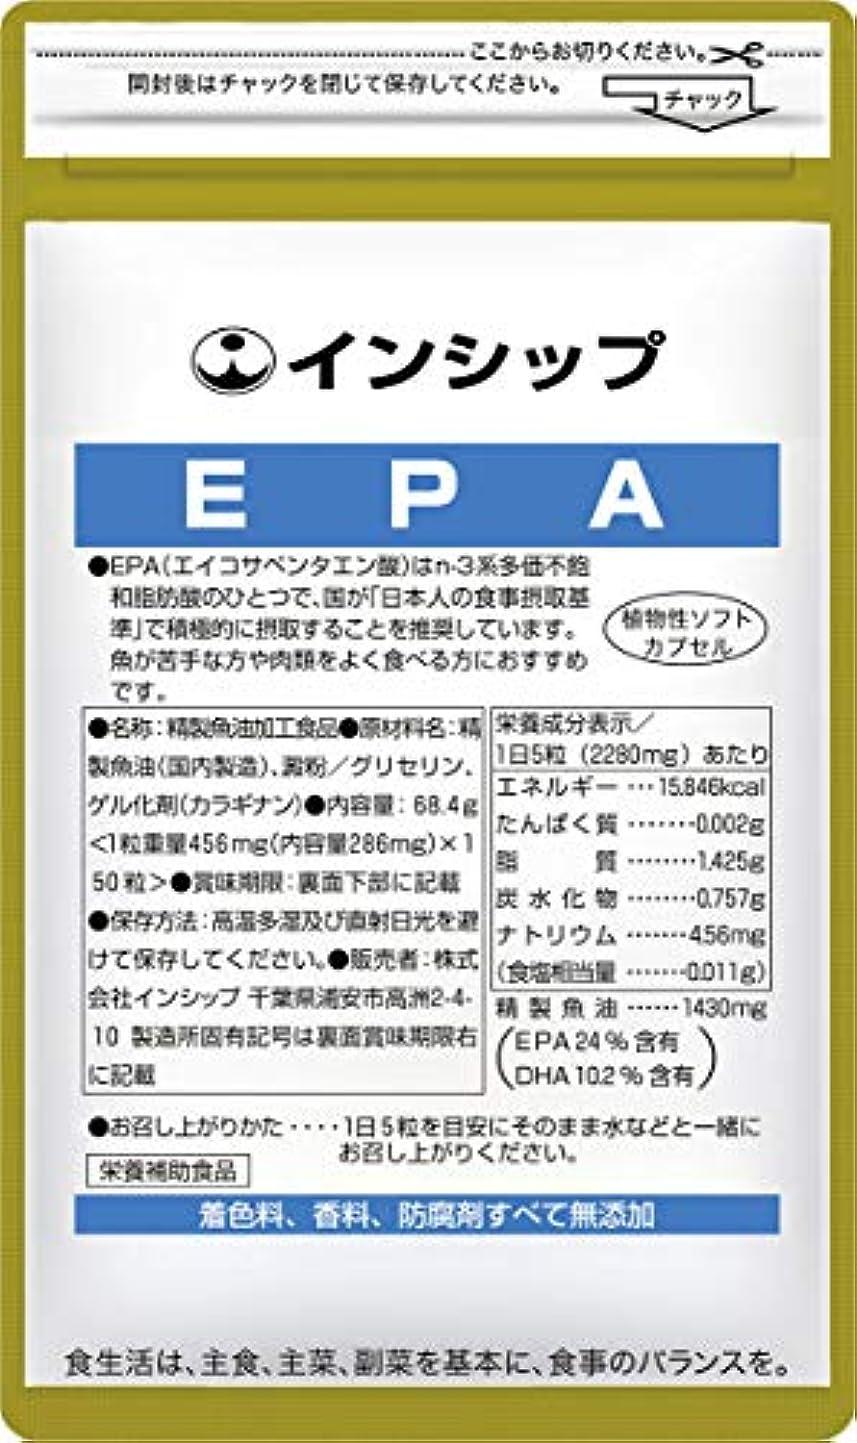 セーブ屋内で雪のインシップ EPA(エイコサペンタエン酸) 440mg×150粒 30日分